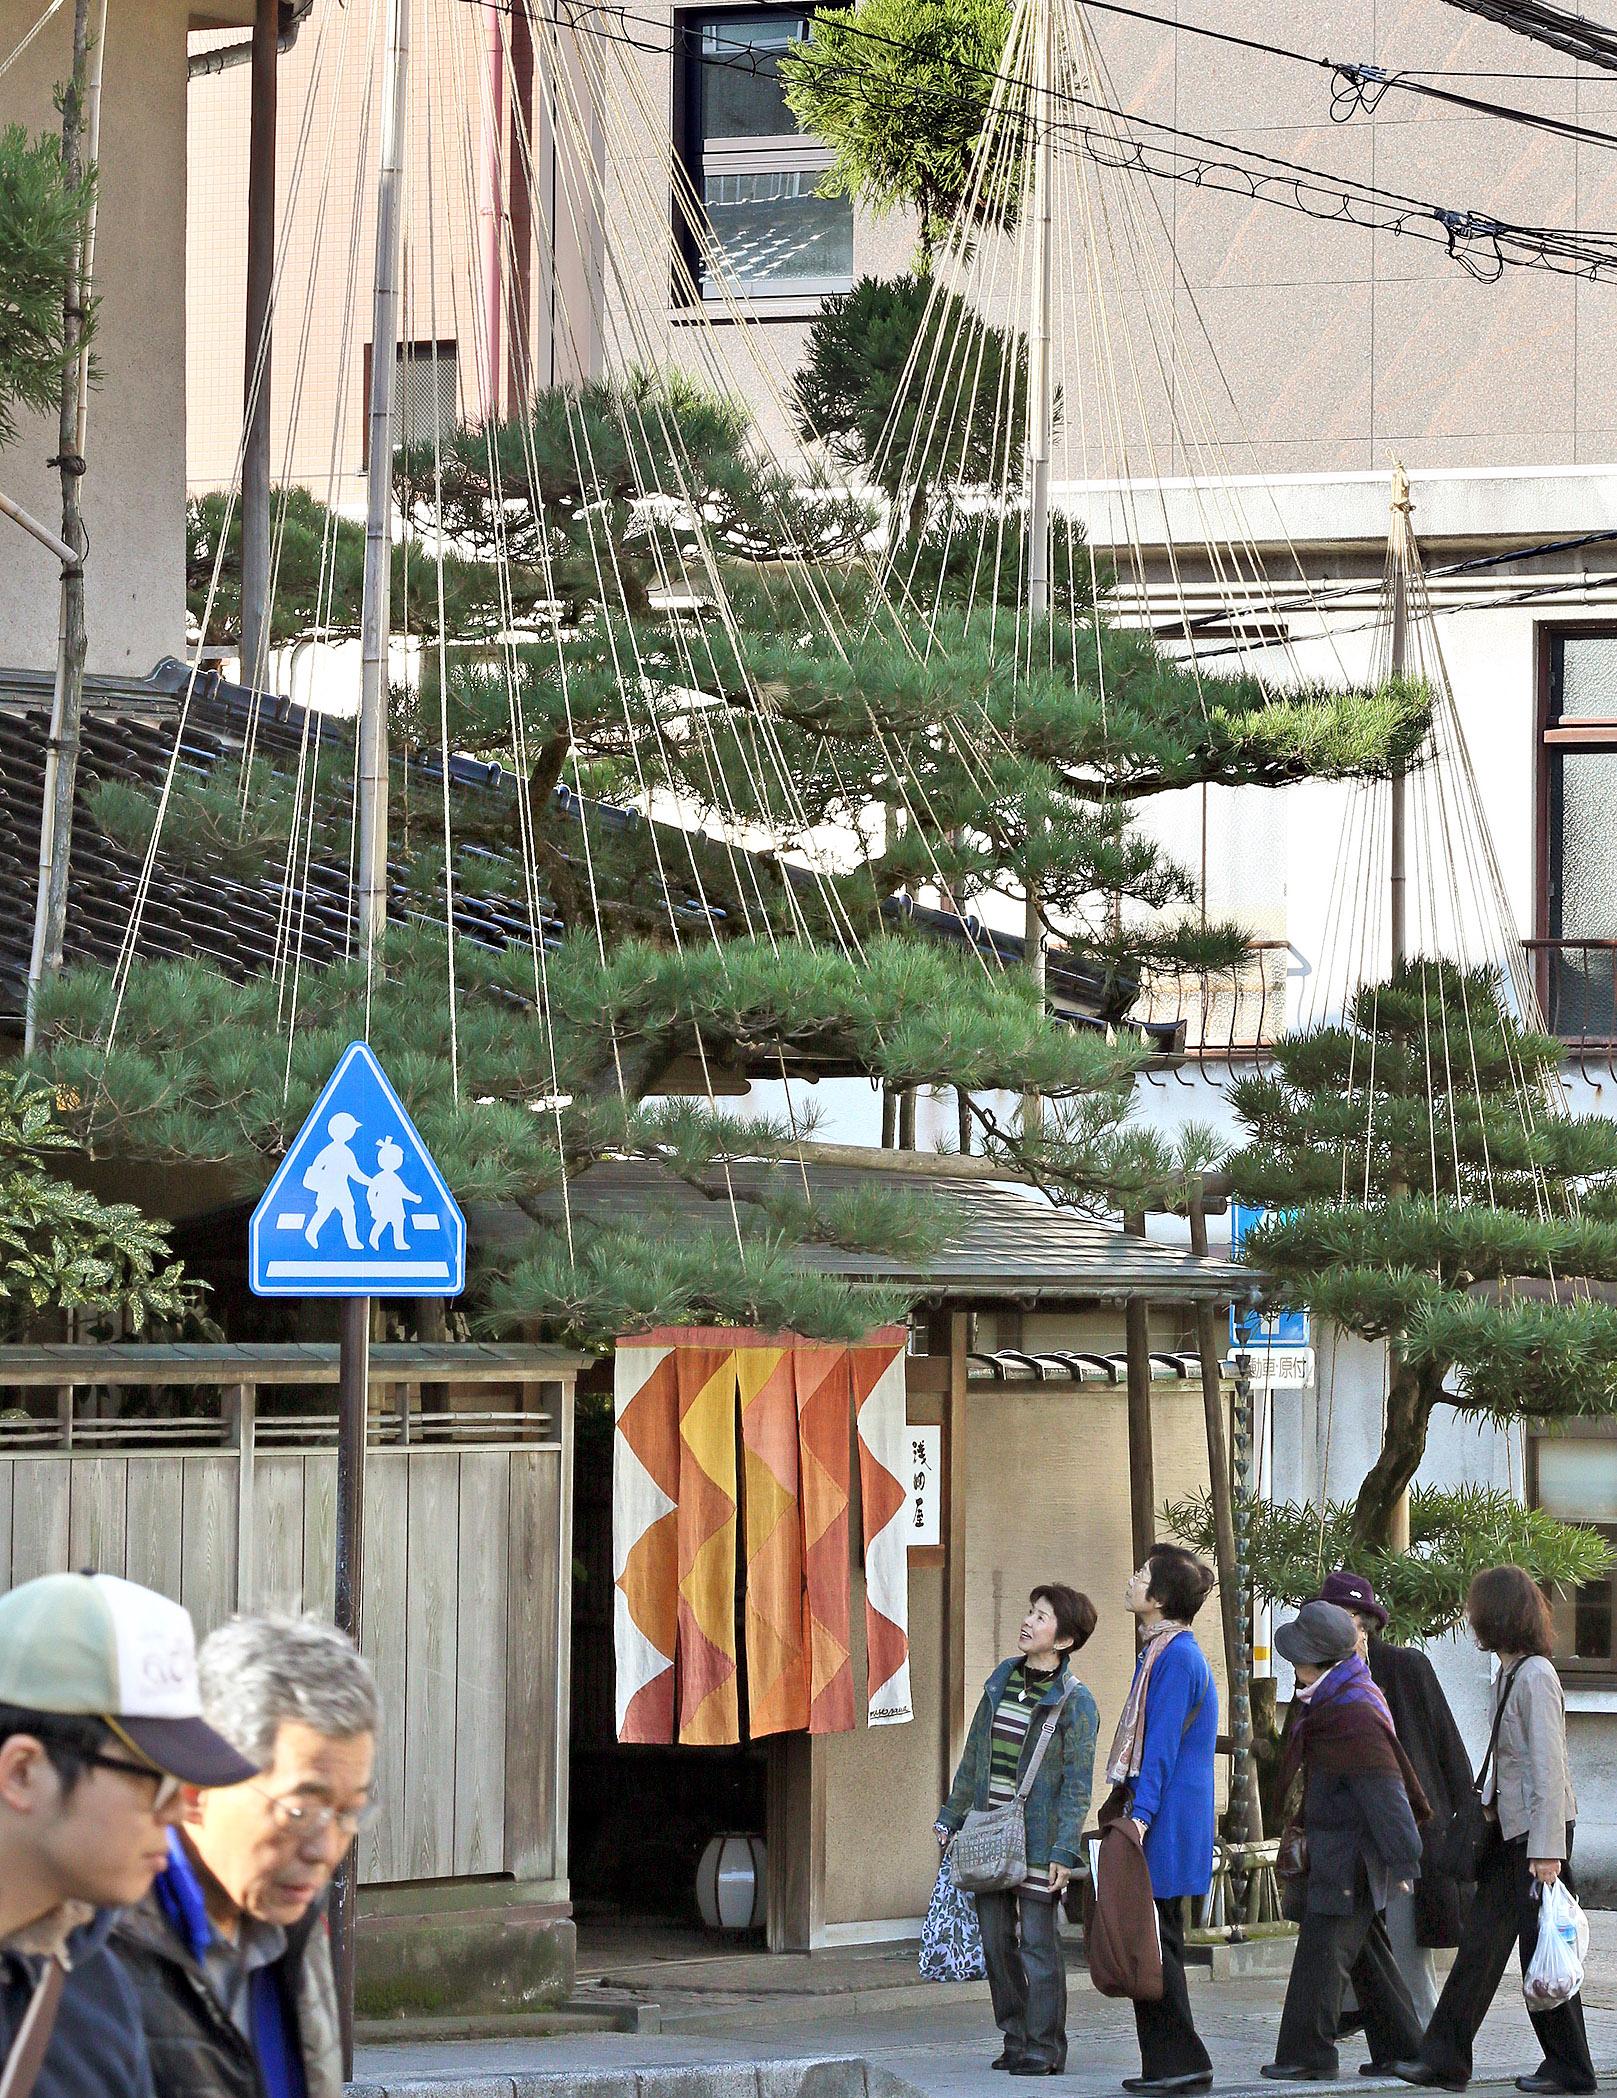 冬の風物詩「雪づり」の景色を楽しむ観光客=27日午前9時、金沢市十間町